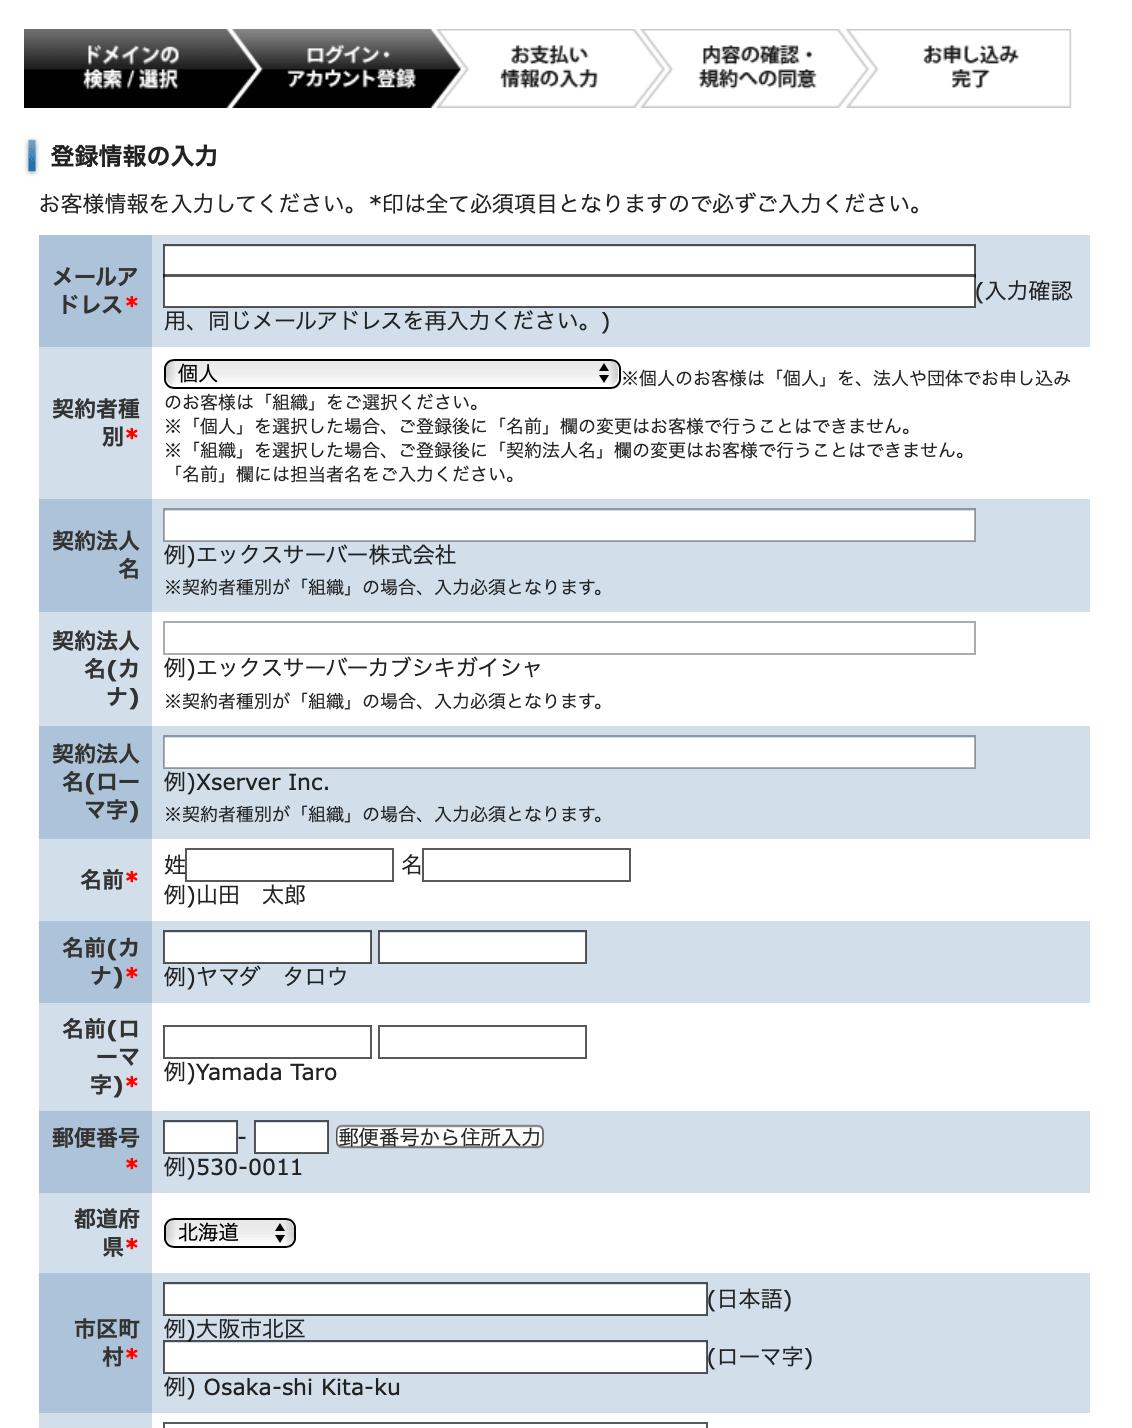 エックスサーバー アカウント作成